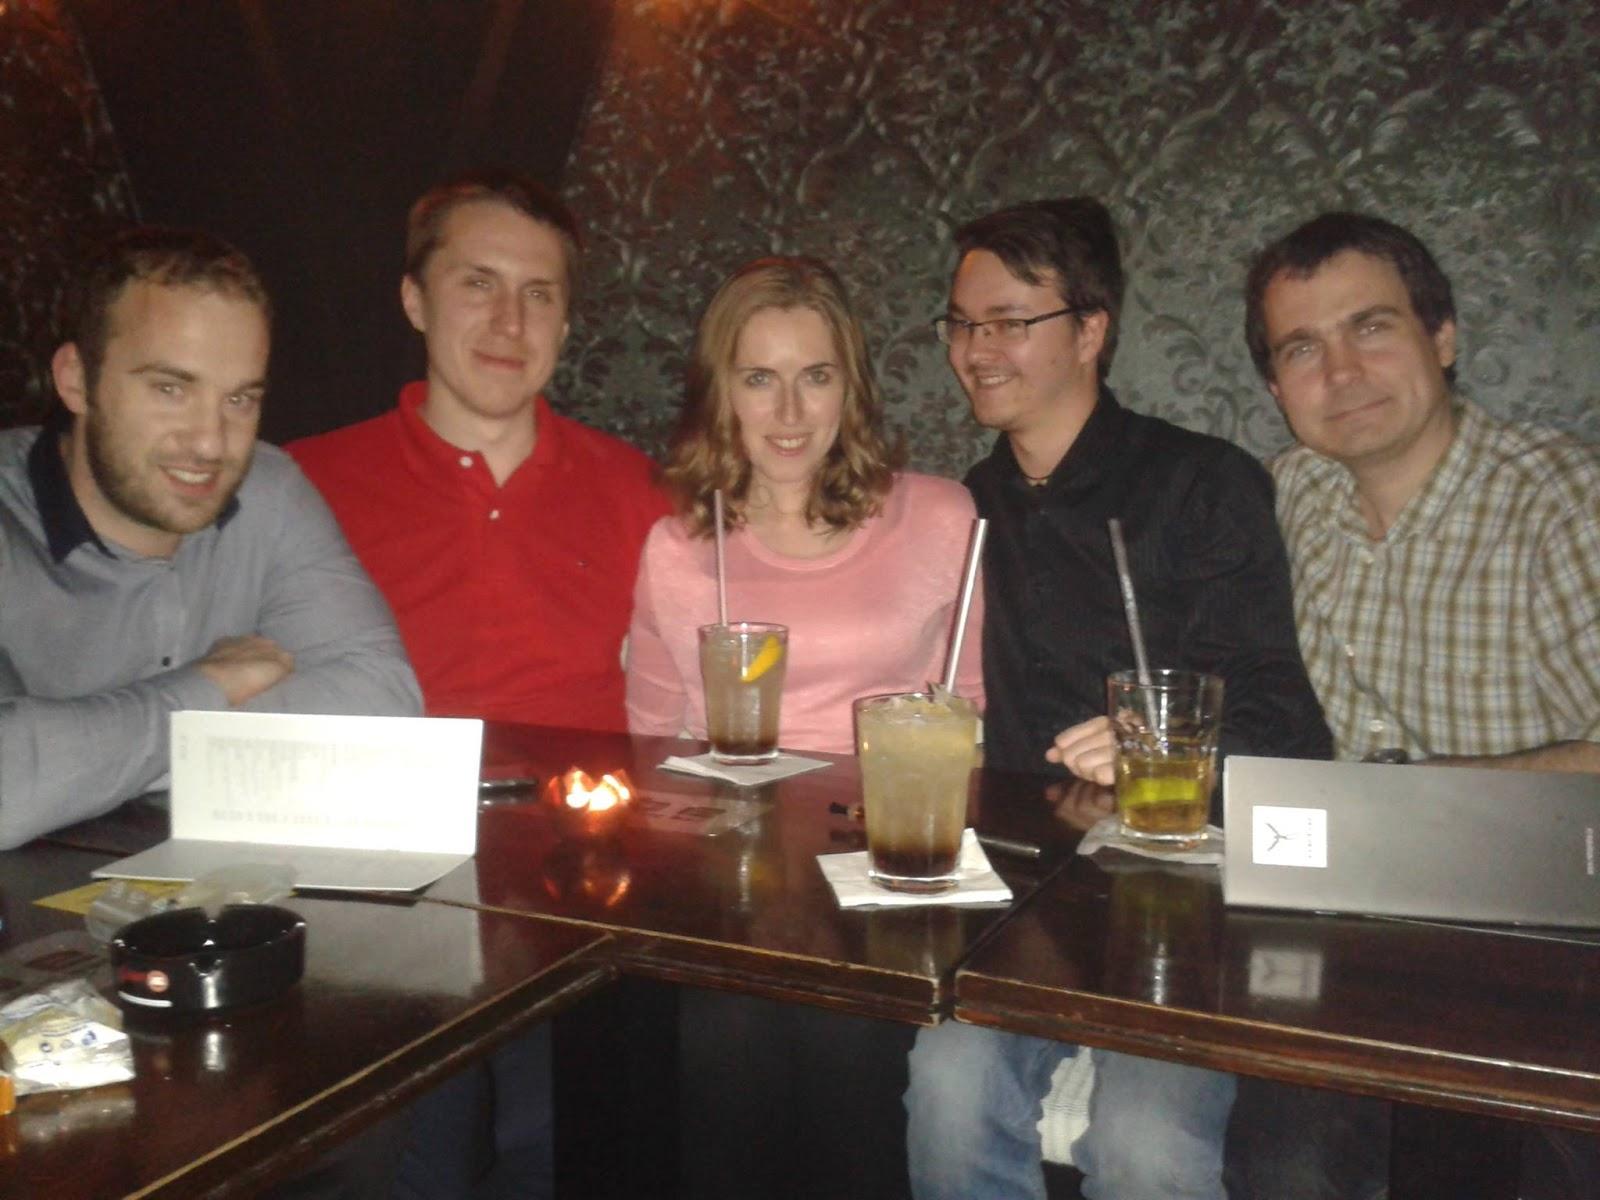 Oslava s přáteli z práce